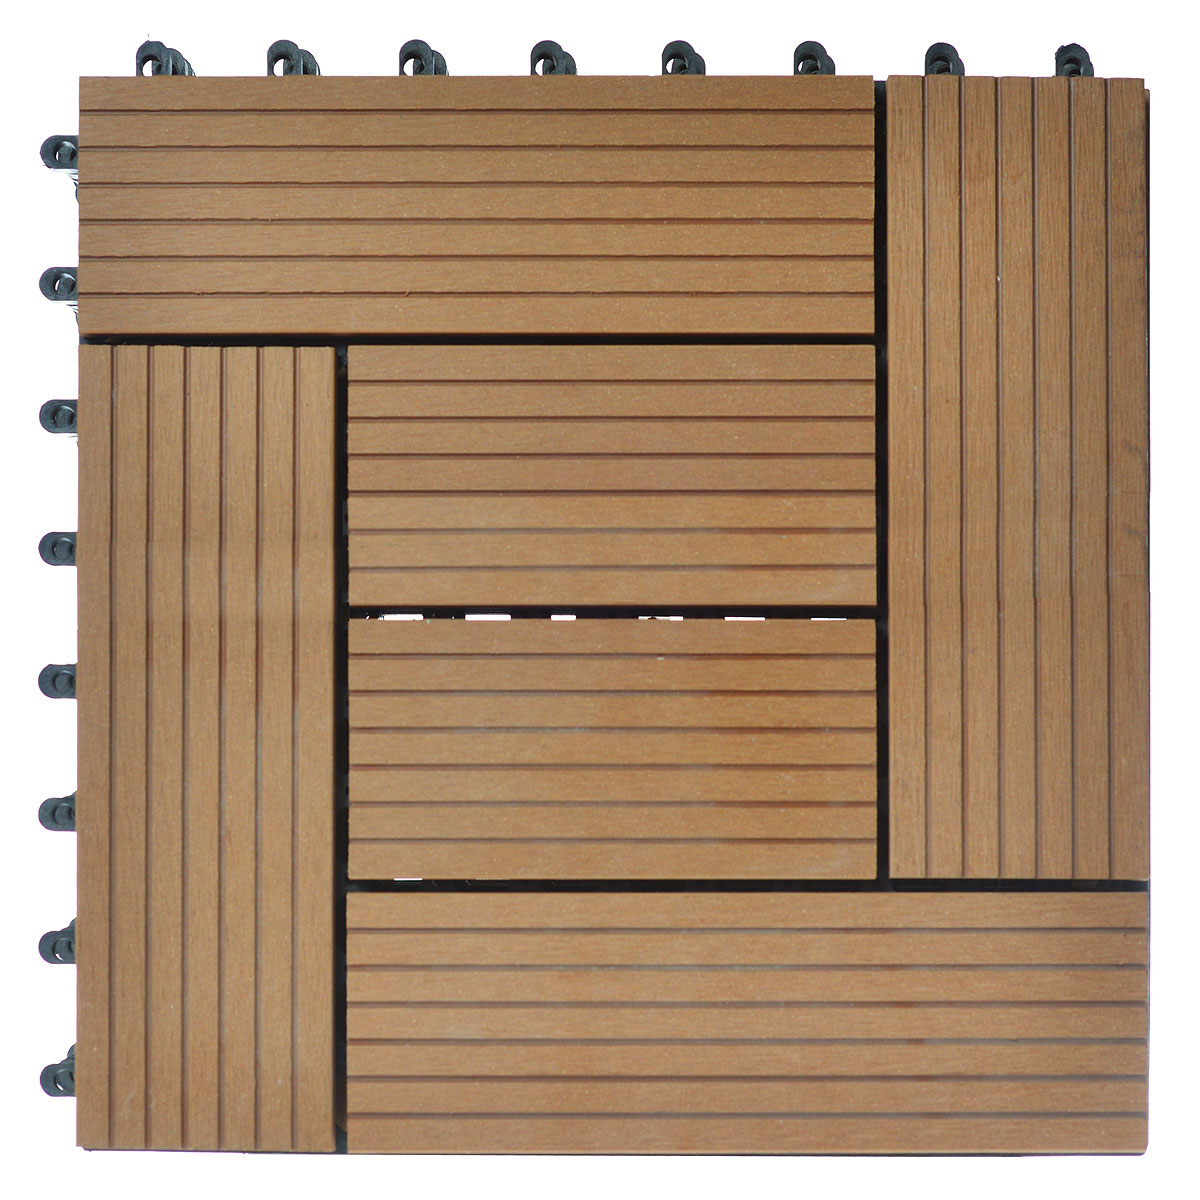 Покрытие Konex Декинг, цвет: бук, 30 х 30, 6 шт. ПД-Б6ПД-Б6Покрытие Konex Декинг состоит из 6 секций, изготовленных из высококачественного дерева, основа выполнена из полипропилена. Покрытие предназначено для создания дополнительного (отделочного) слоя пола в различных помещениях бытового и хозяйственного назначения (коридоры, веранды, сауны и бани, ванные комнаты, балконы), а также для быстрого обустройства открытых площадок и дорожек (спортивные и детские площадки, зоны отдыха, садовые дорожки, террасы, палубы, причалы, бассейны) на подготовленных площадях.Размер секции: 30 см х 30 см х 3 см.Количество секций: 6 шт.